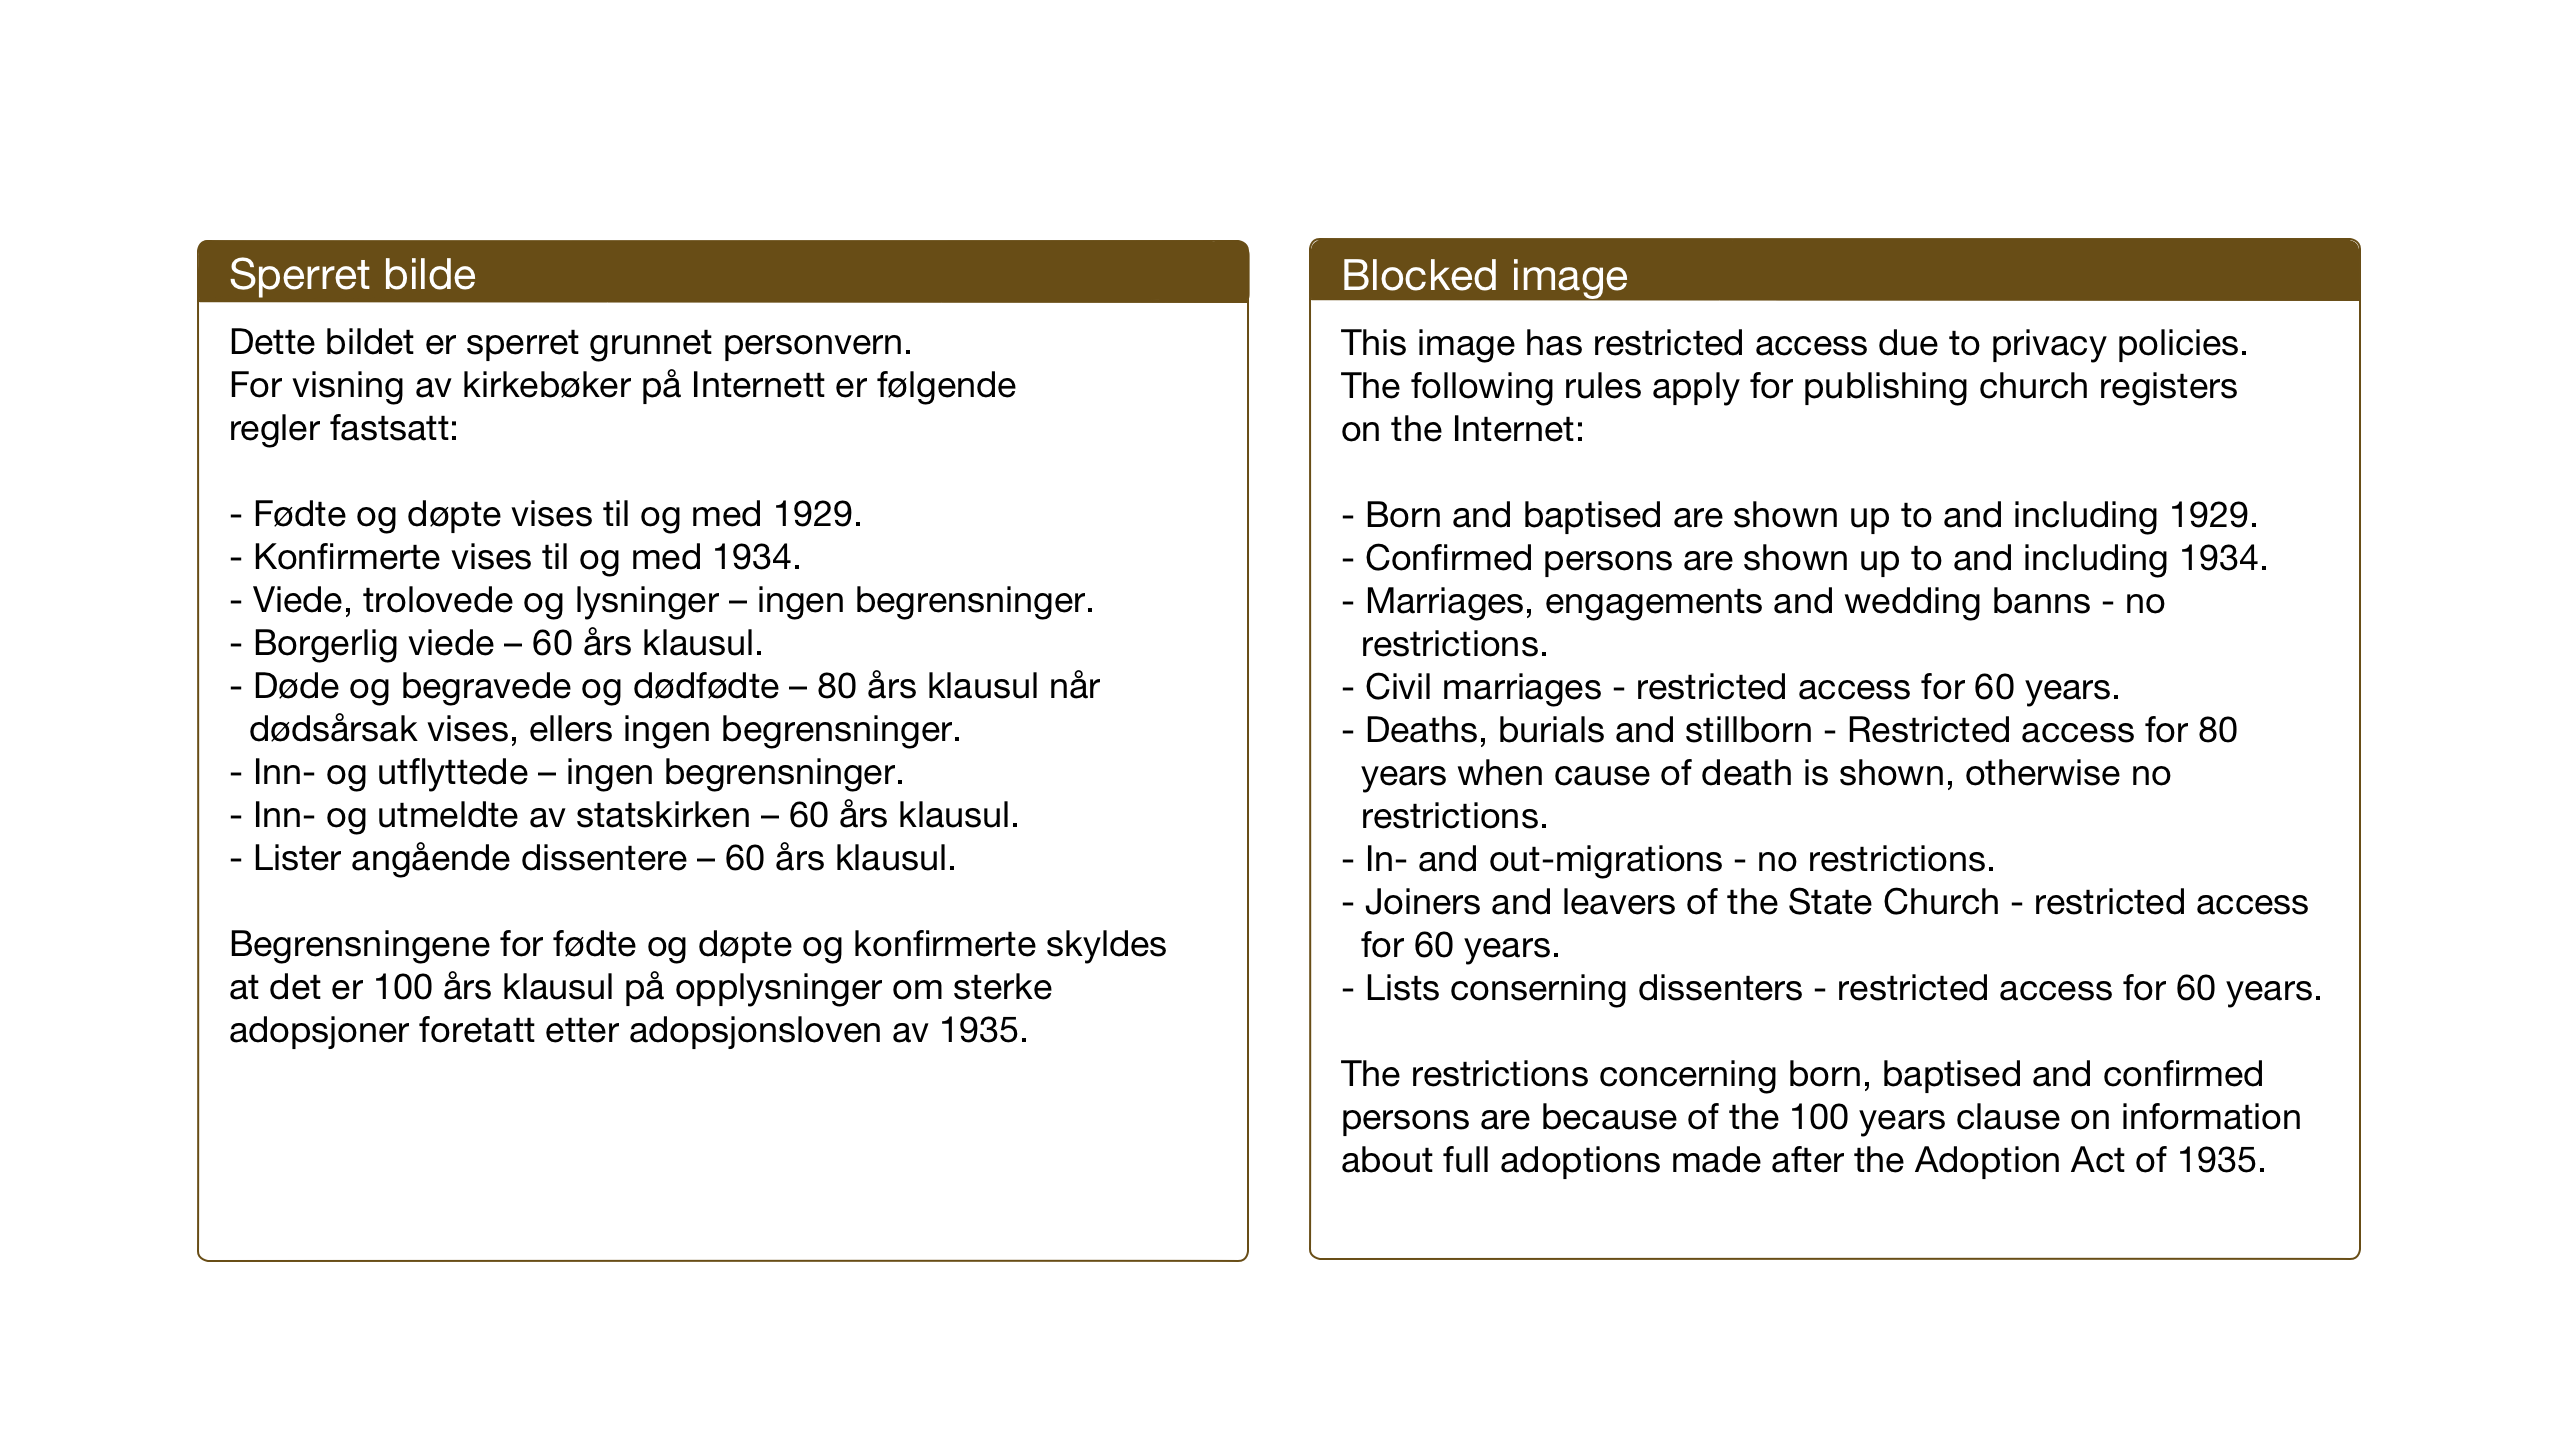 SAT, Ministerialprotokoller, klokkerbøker og fødselsregistre - Sør-Trøndelag, 672/L0866: Klokkerbok nr. 672C05, 1929-1939, s. 22